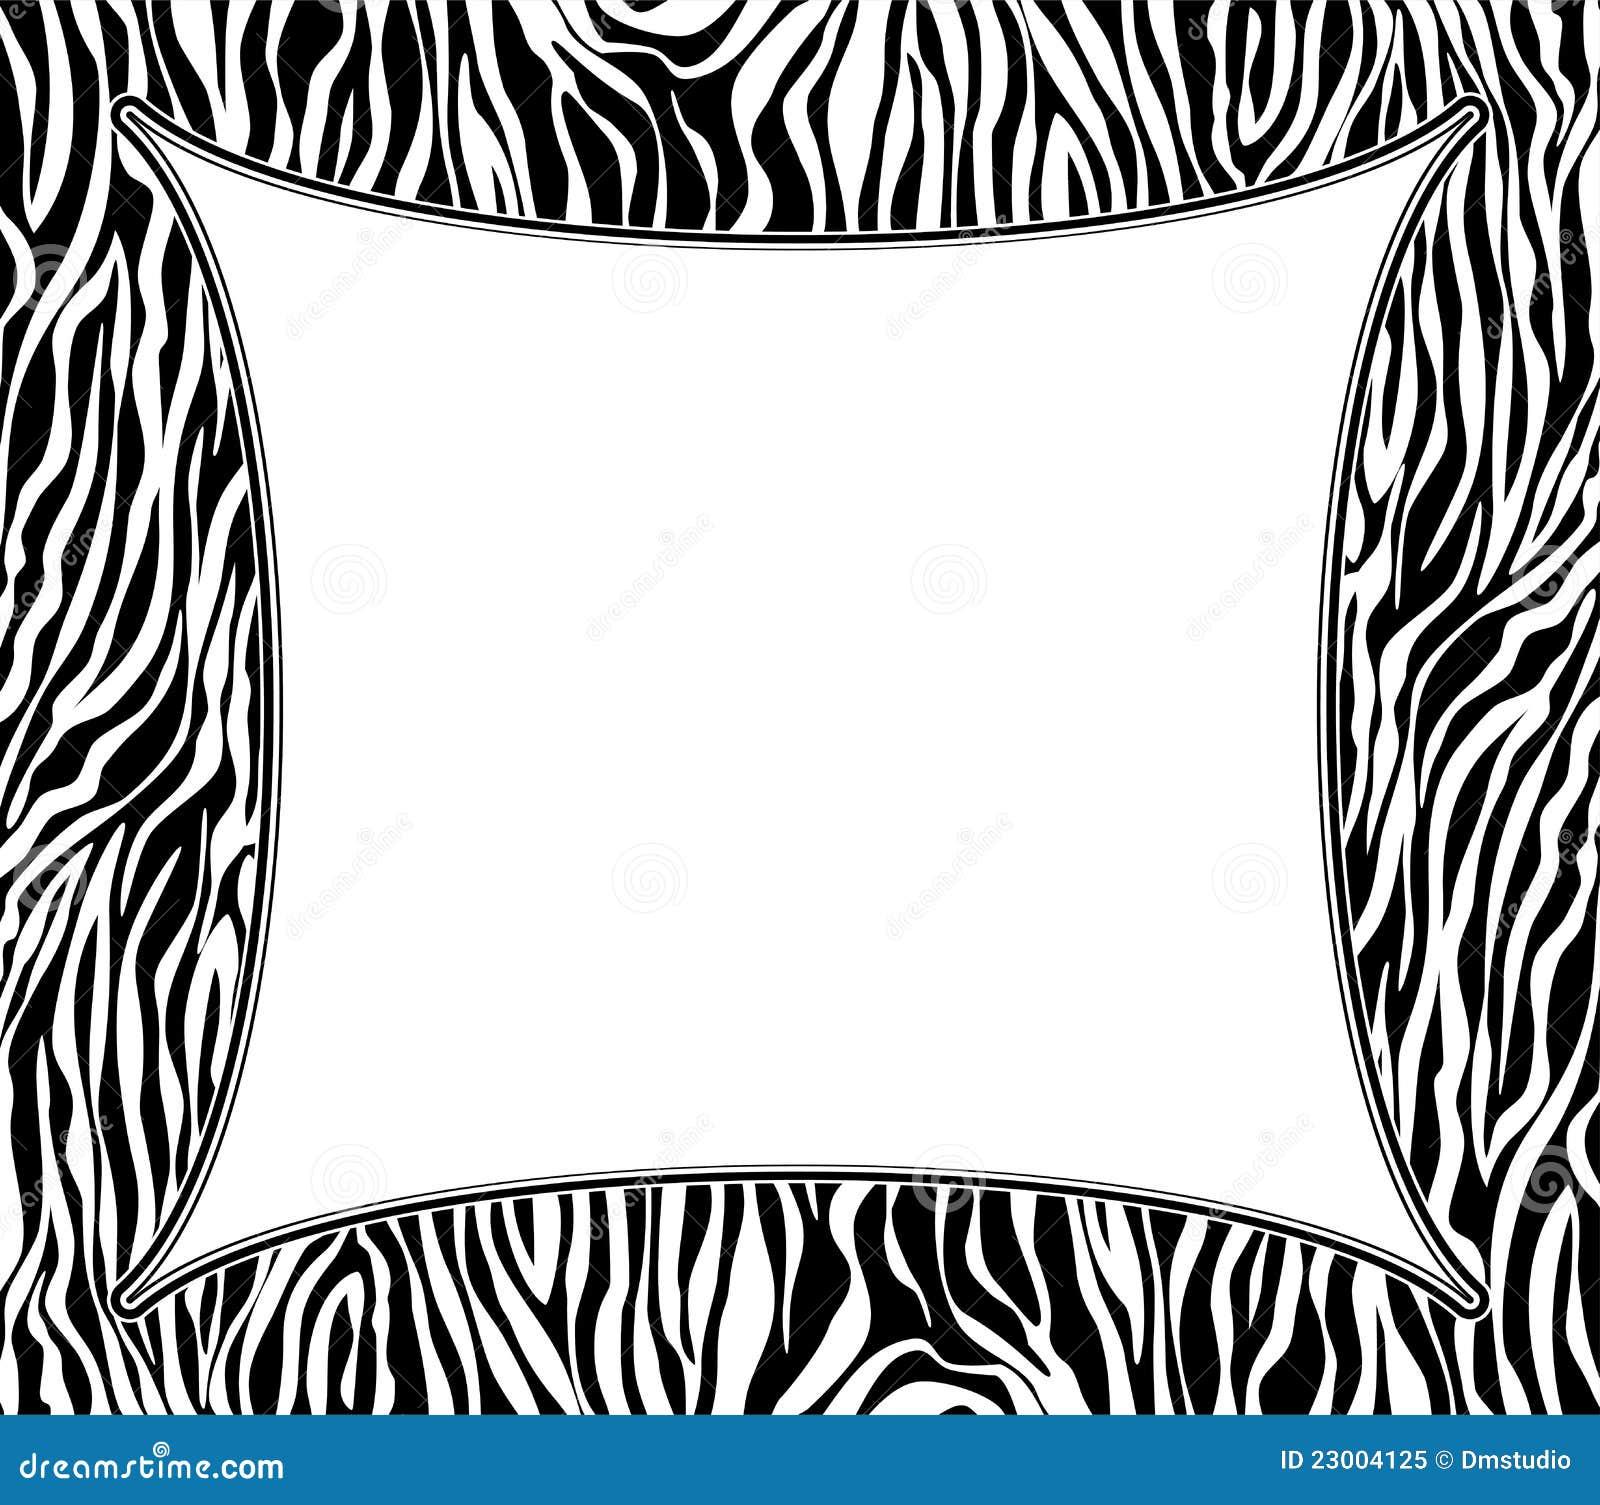 Как сделать зебру в word